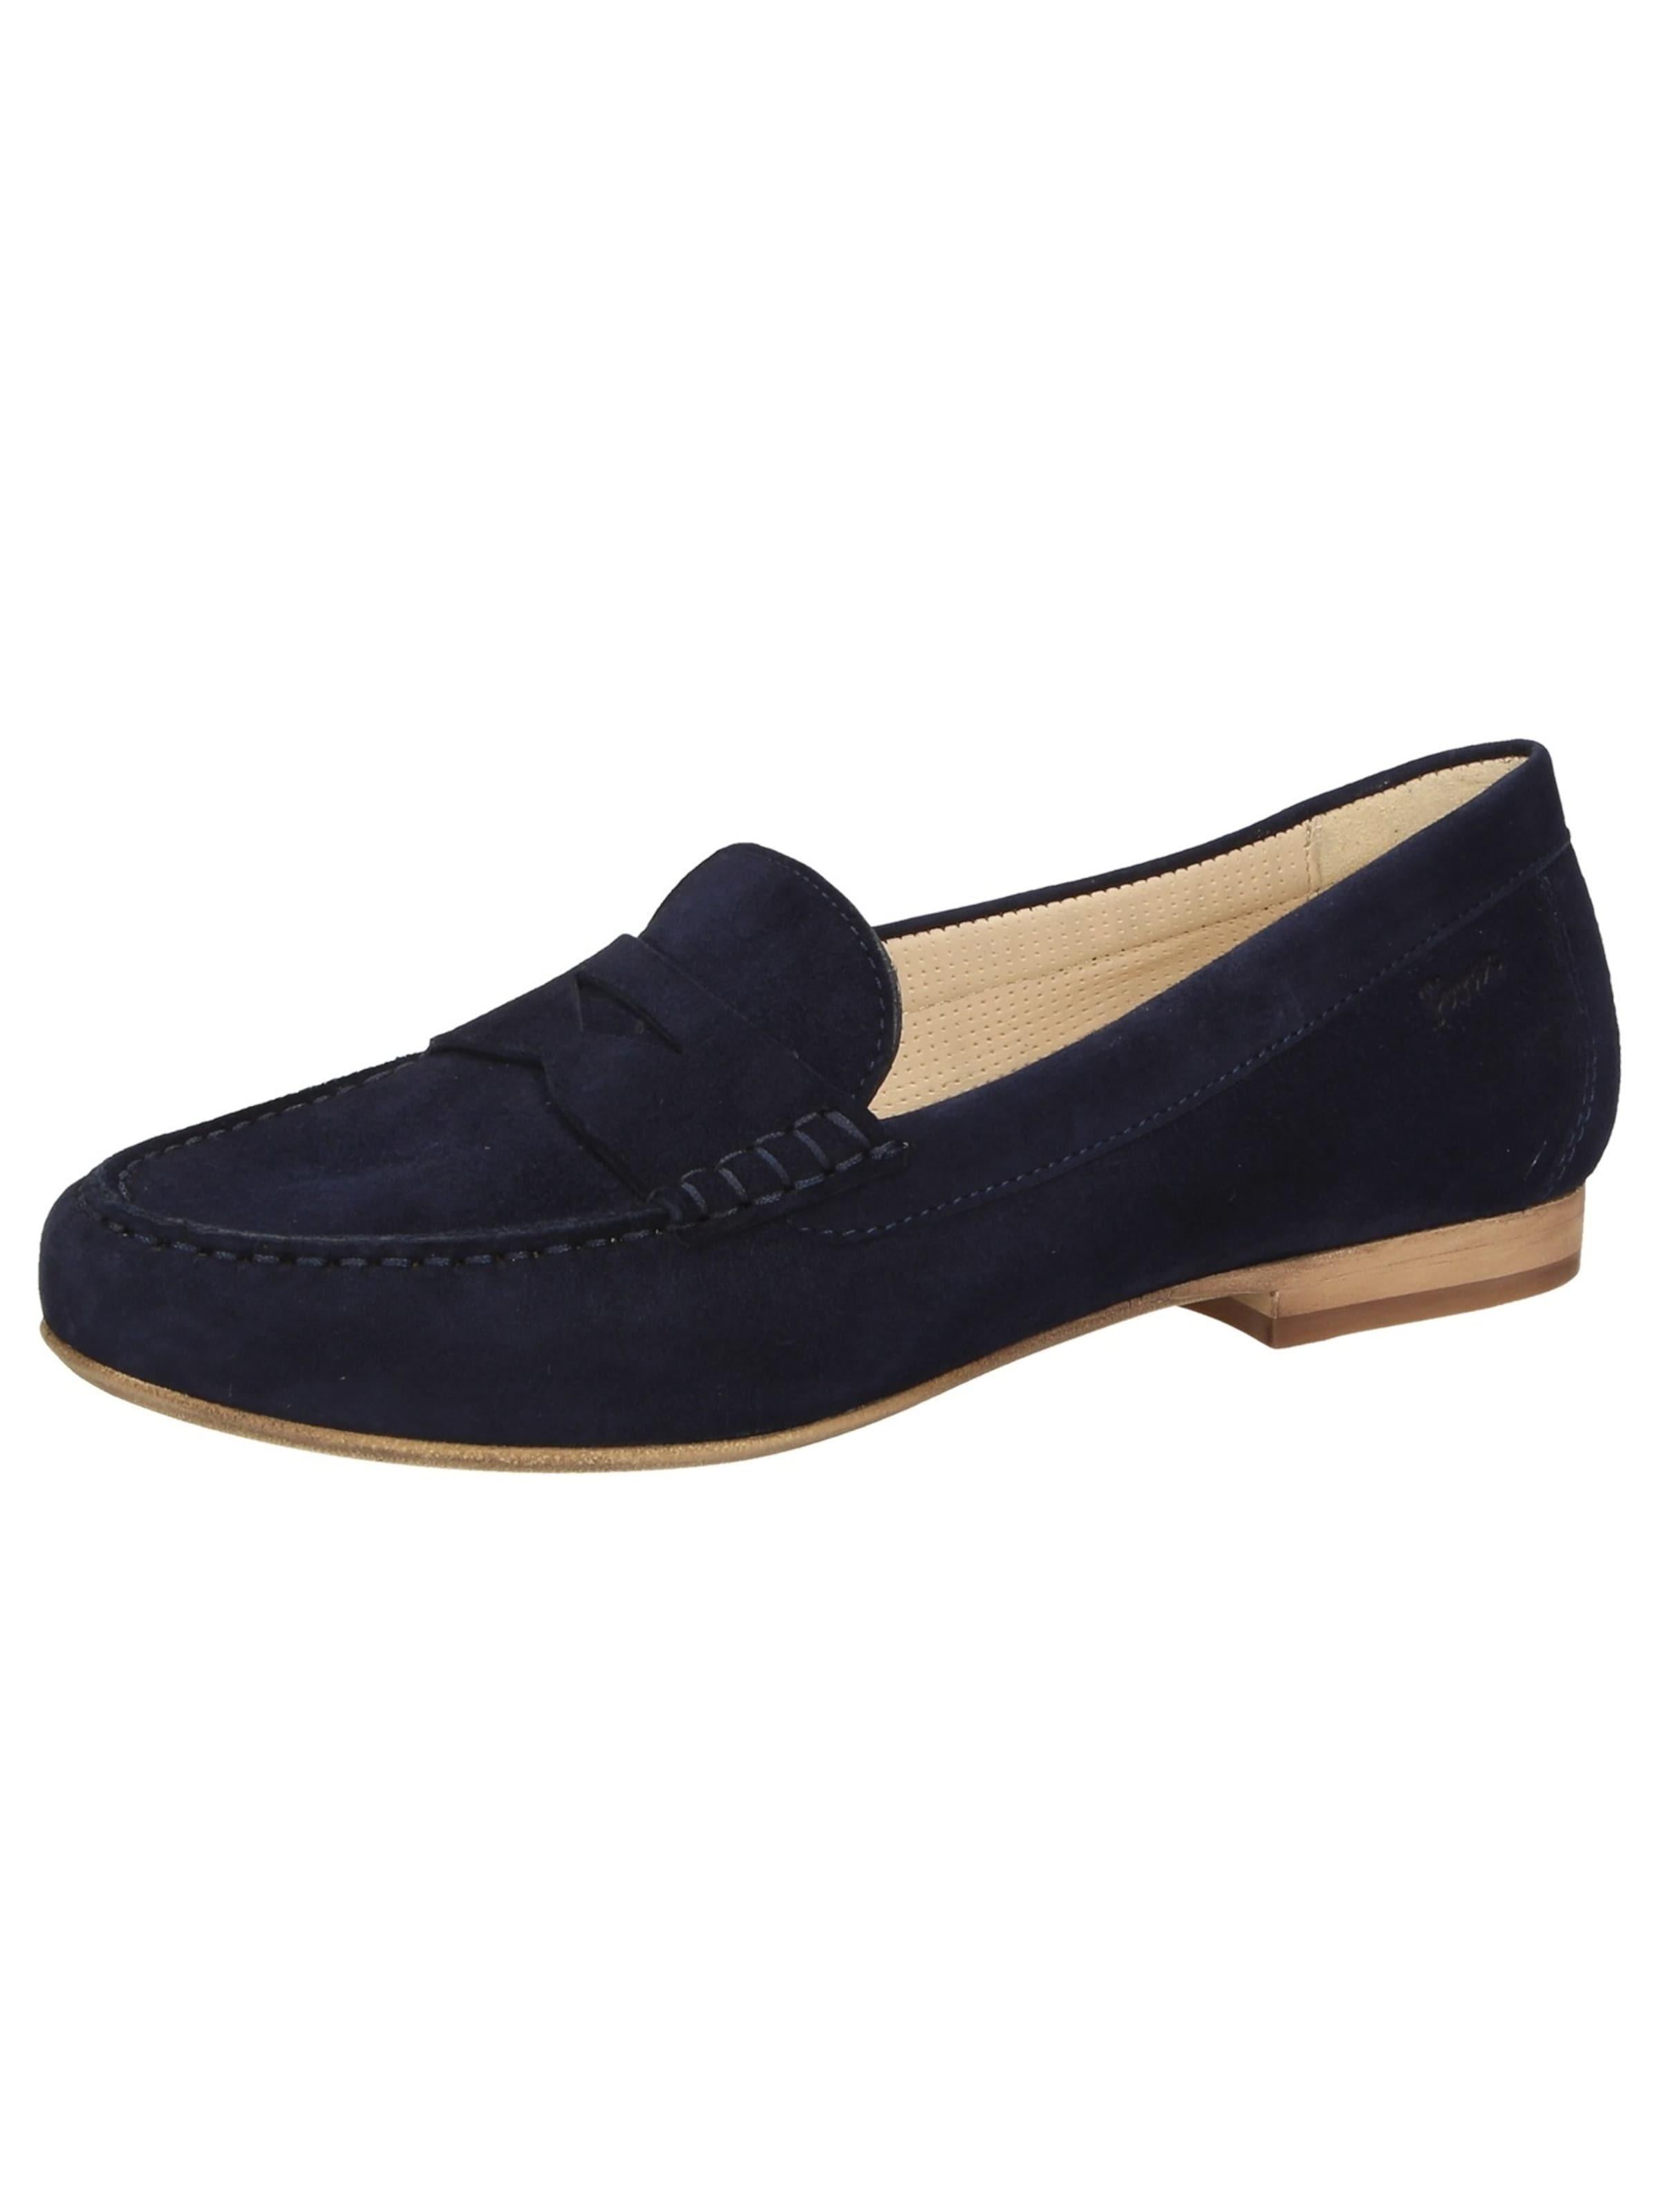 SIOUX Slipper Libisia-700 Verschleißfeste billige Schuhe